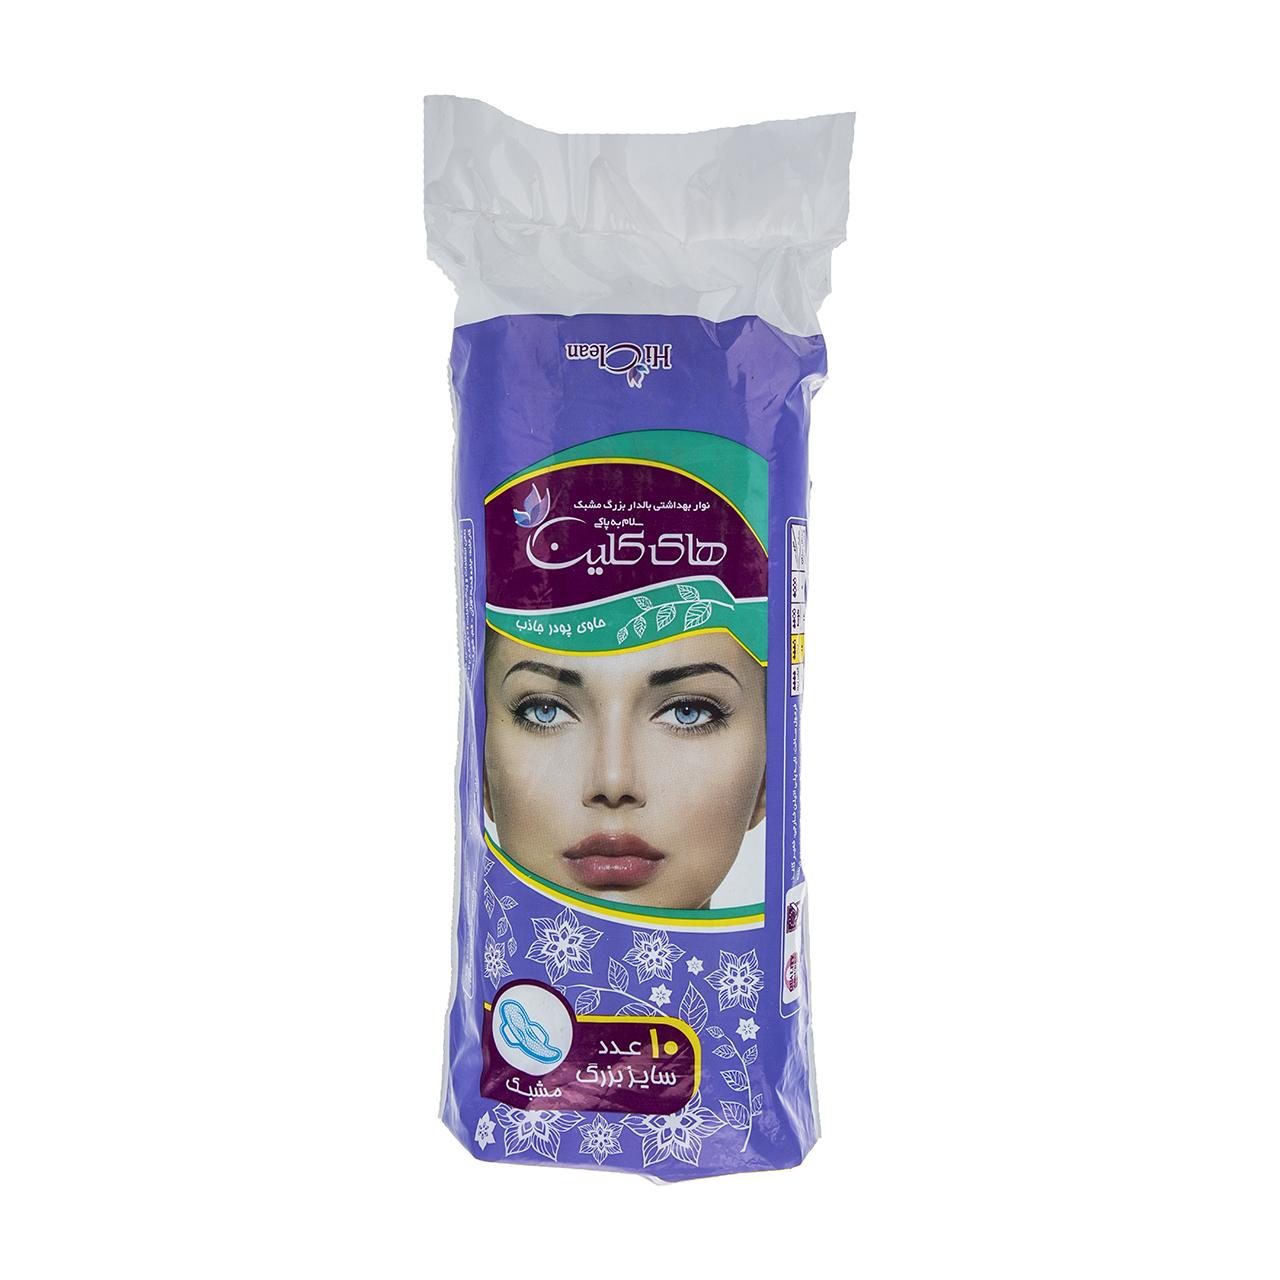 نوار بهداشتی های کلین مدل Purple بسته 10 عددی